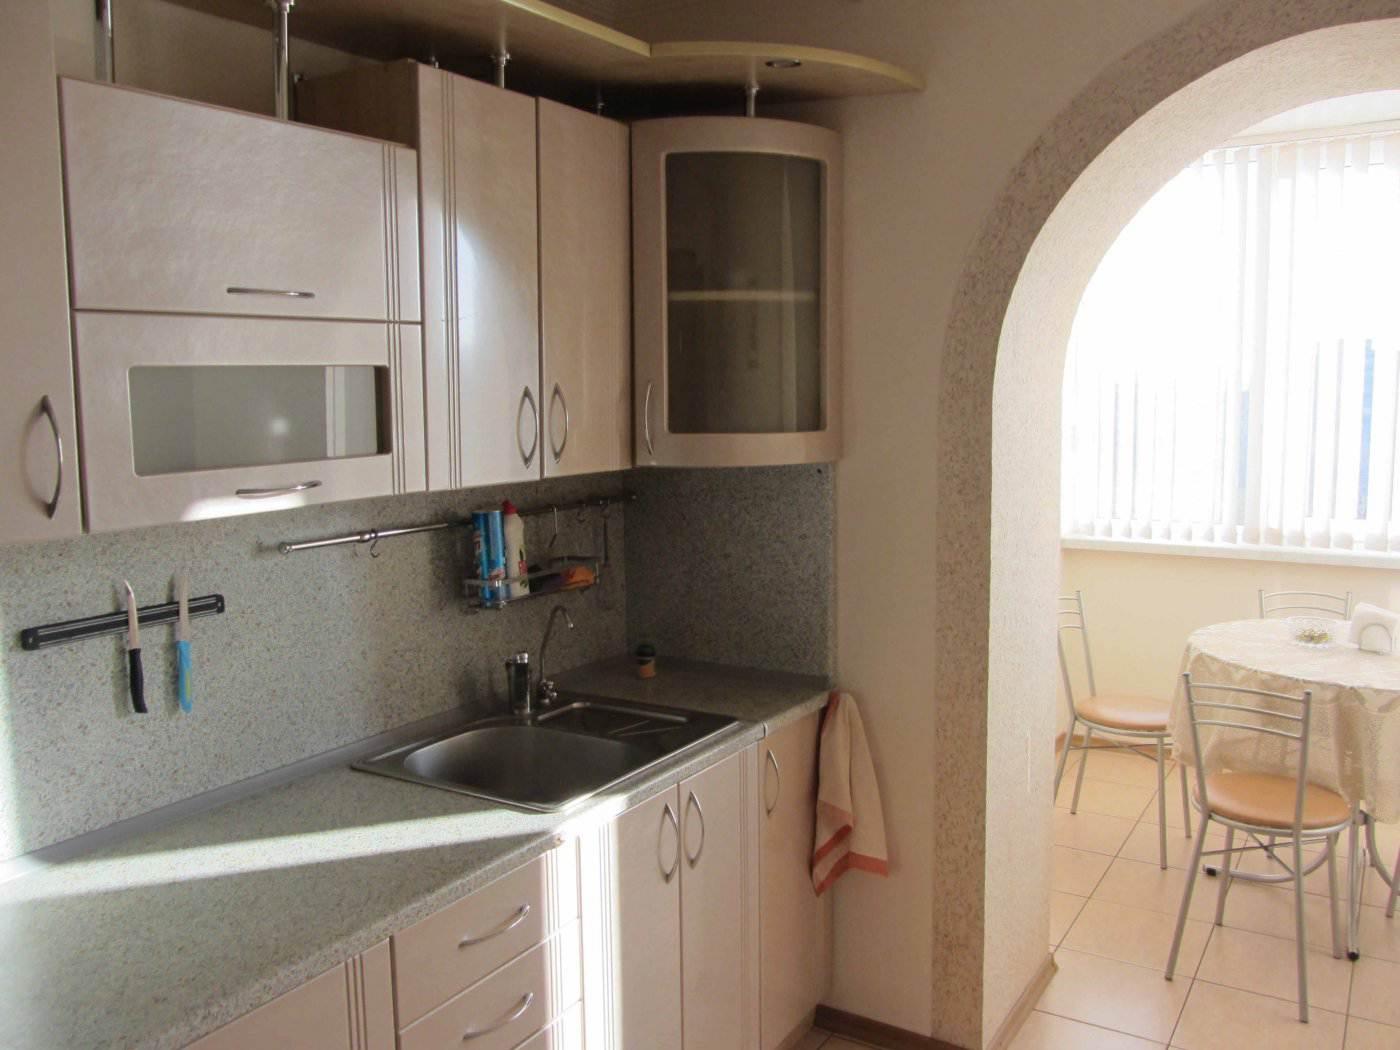 Дизайн прямой кухни 7 кв.м, объединенной с балконом (24 фото.